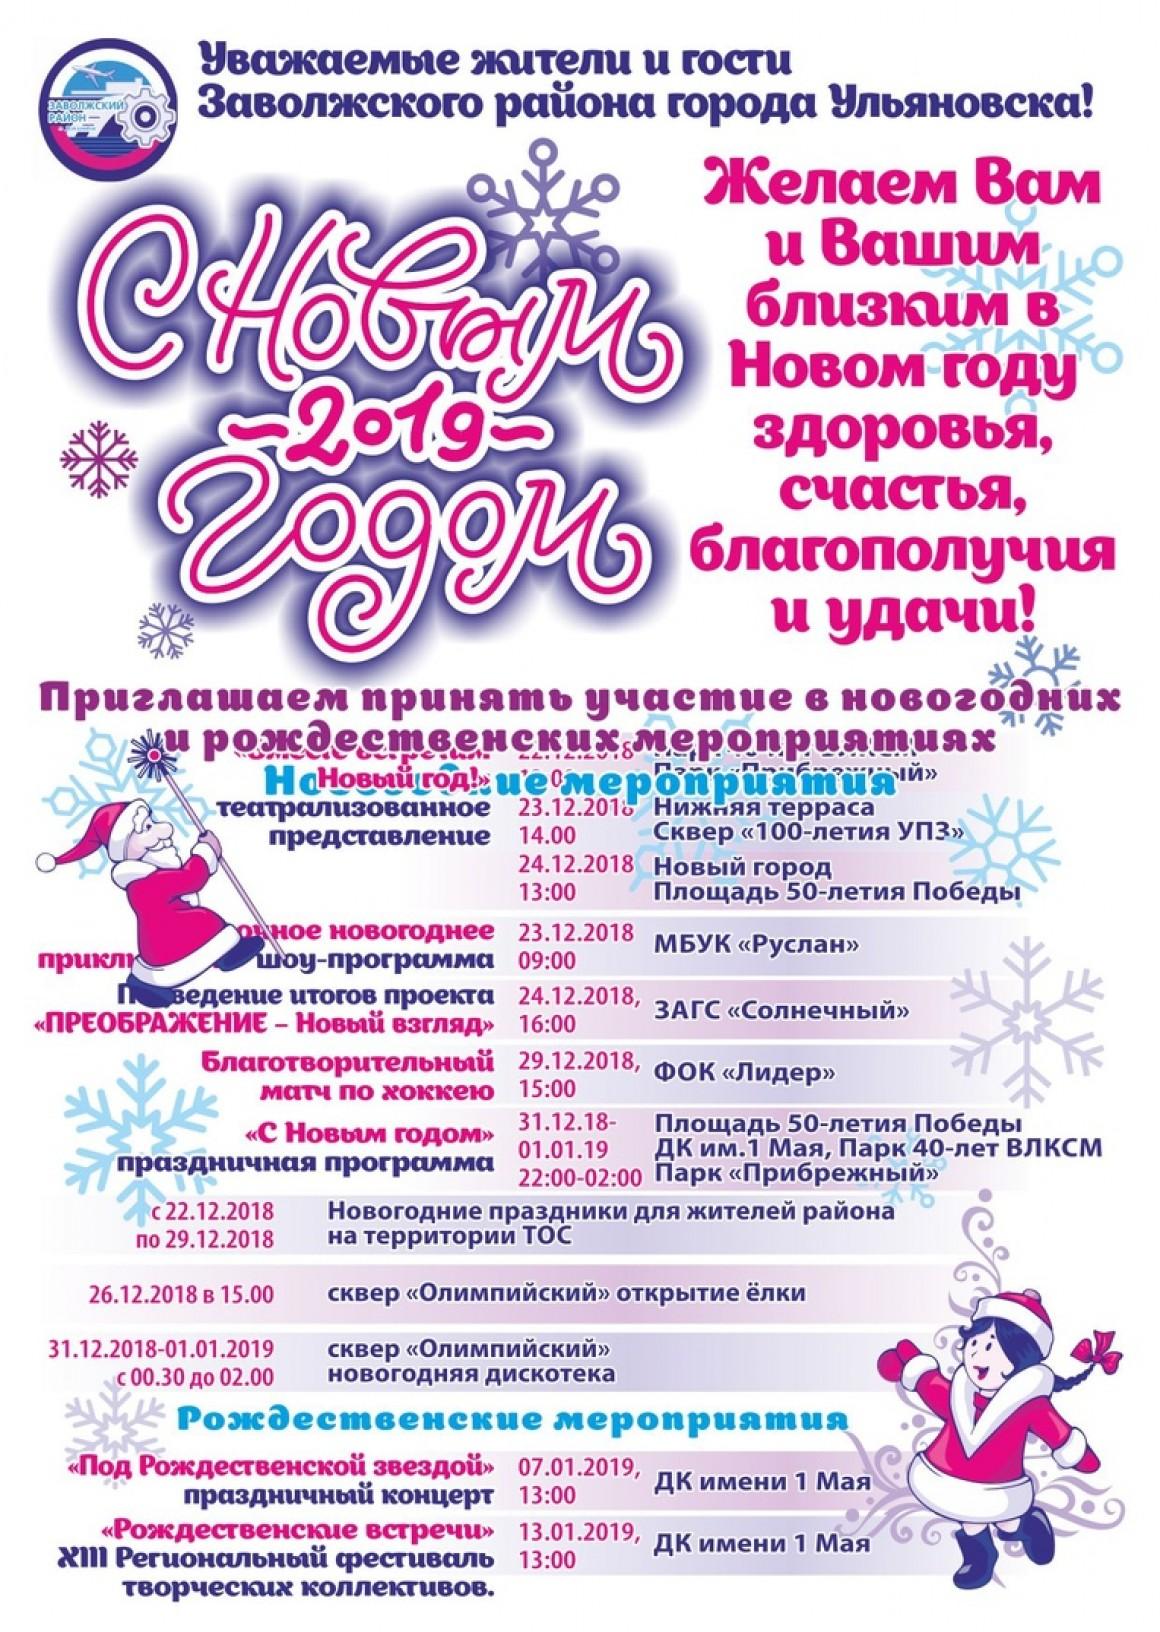 Новый год в Ульяновске в Заволжье завершится салютом